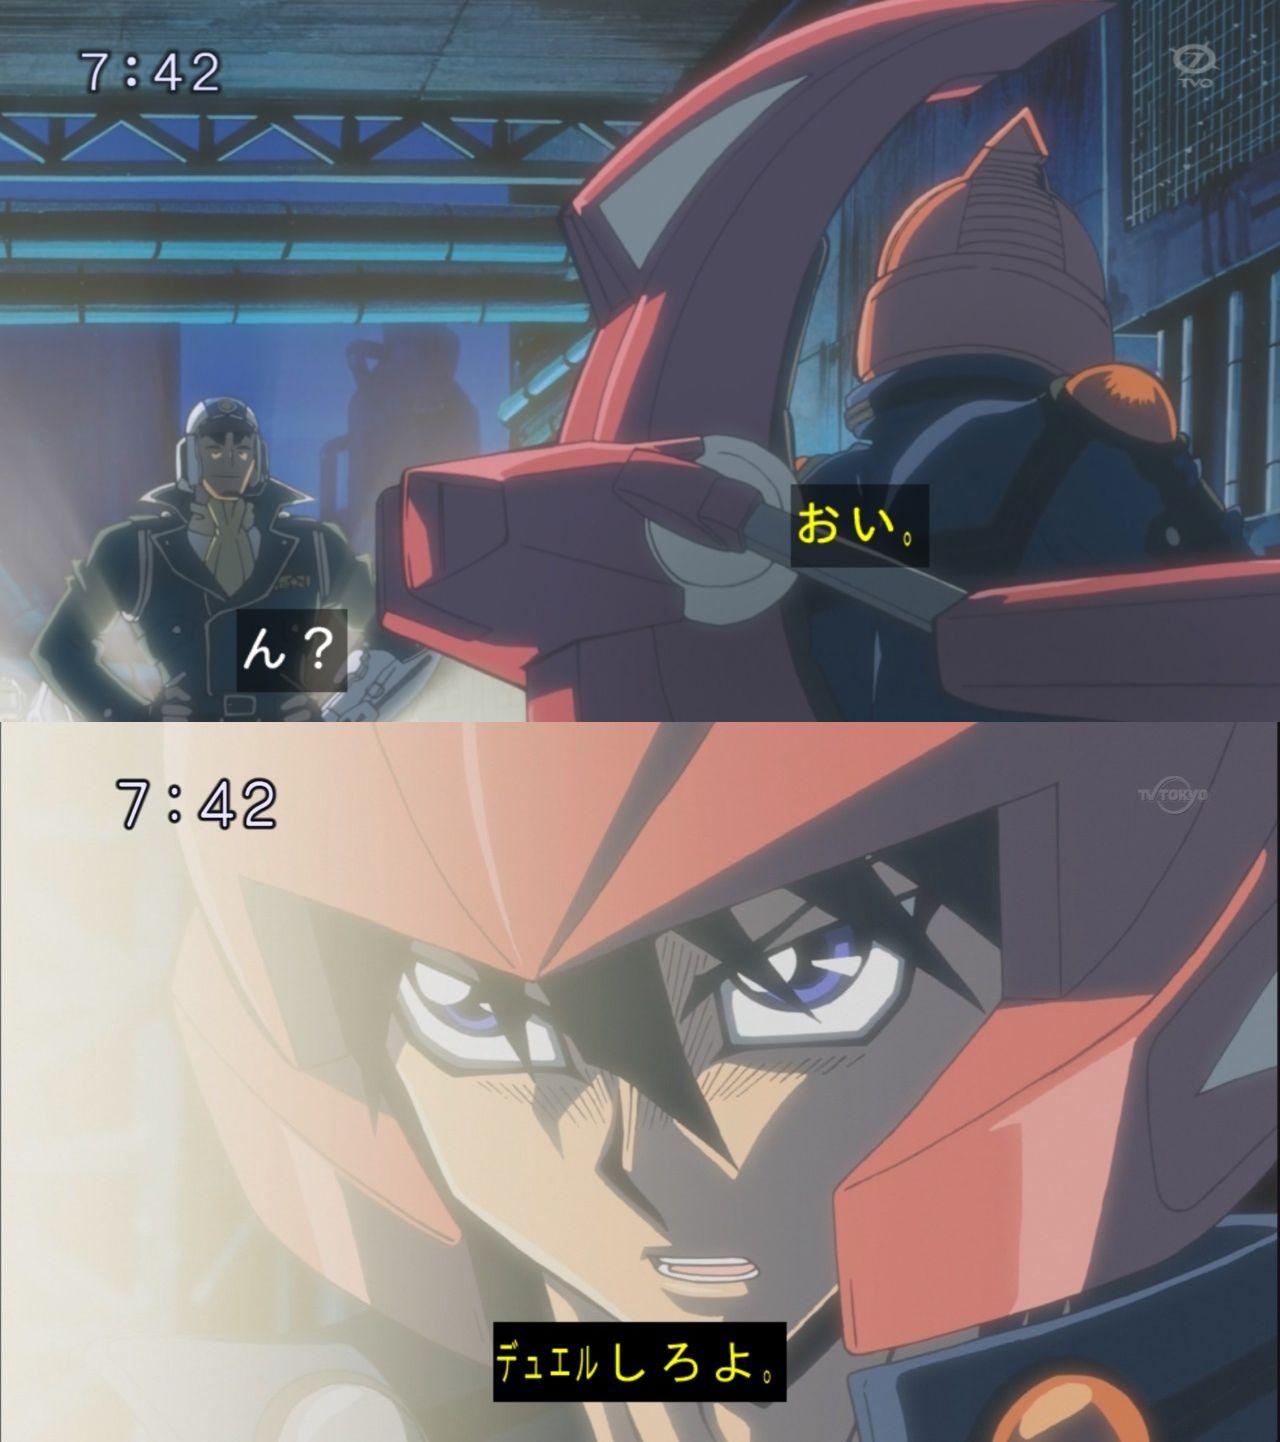 oi_duel-siroyo.jpg